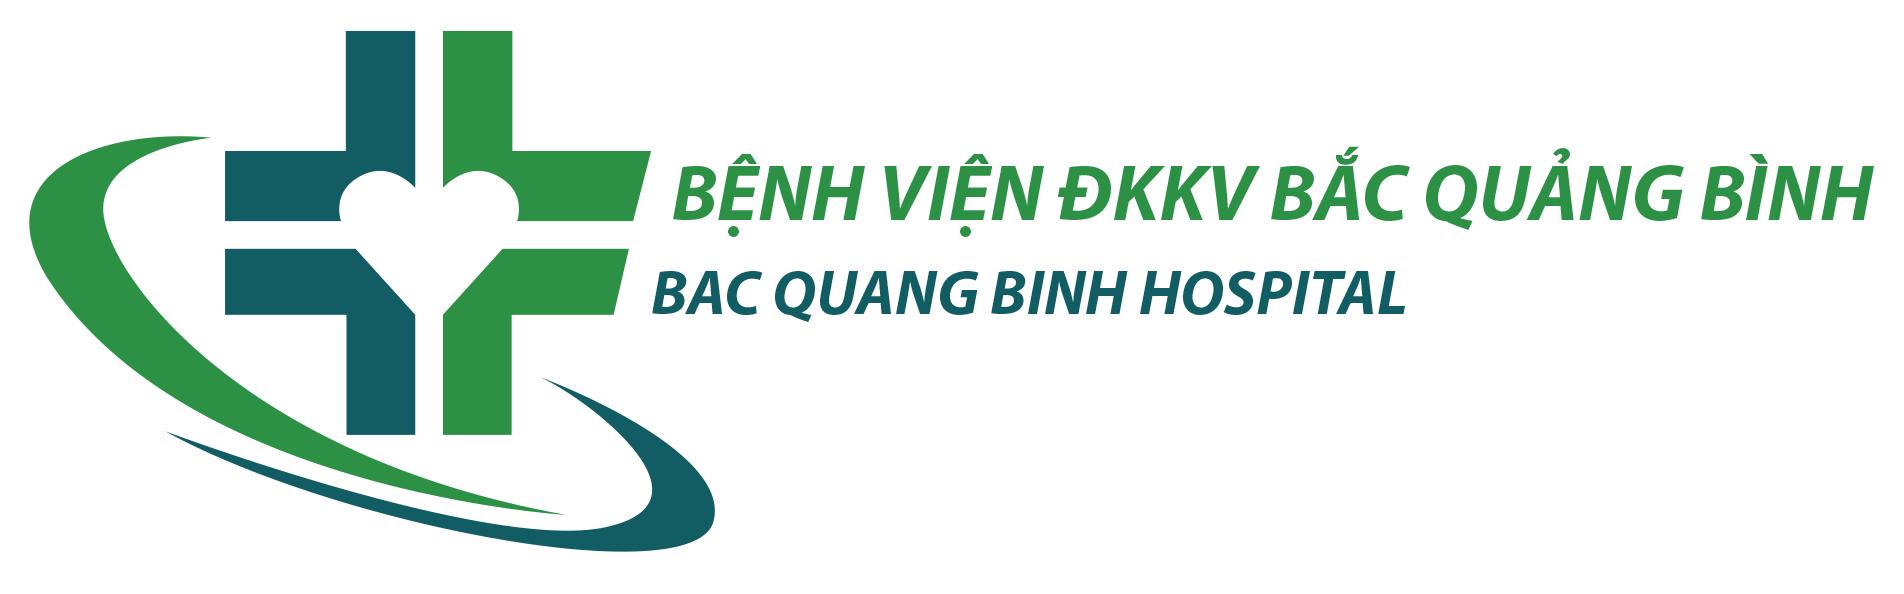 Bệnh Viện ĐKKV Bắc Quảng Bình